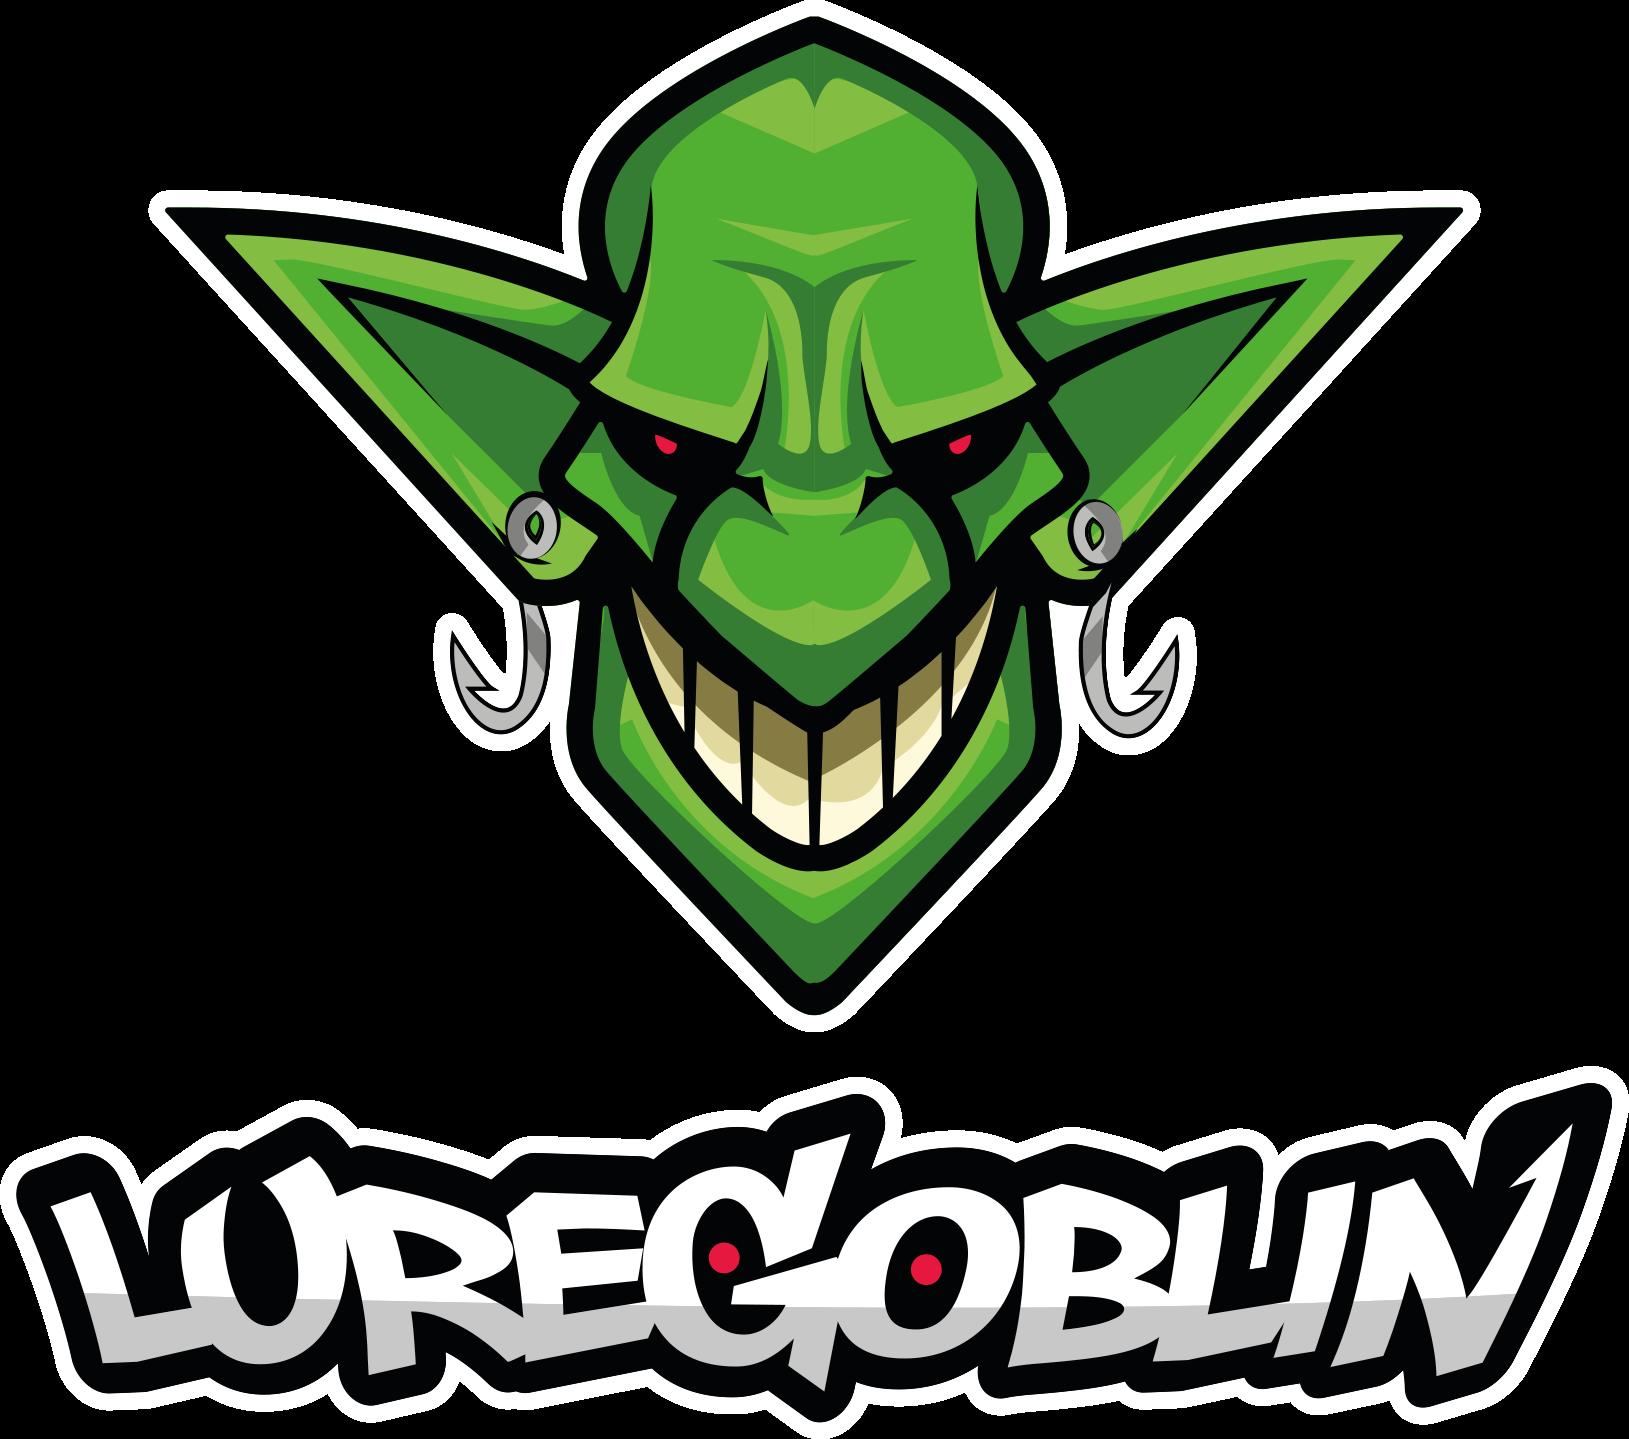 Luregoblin